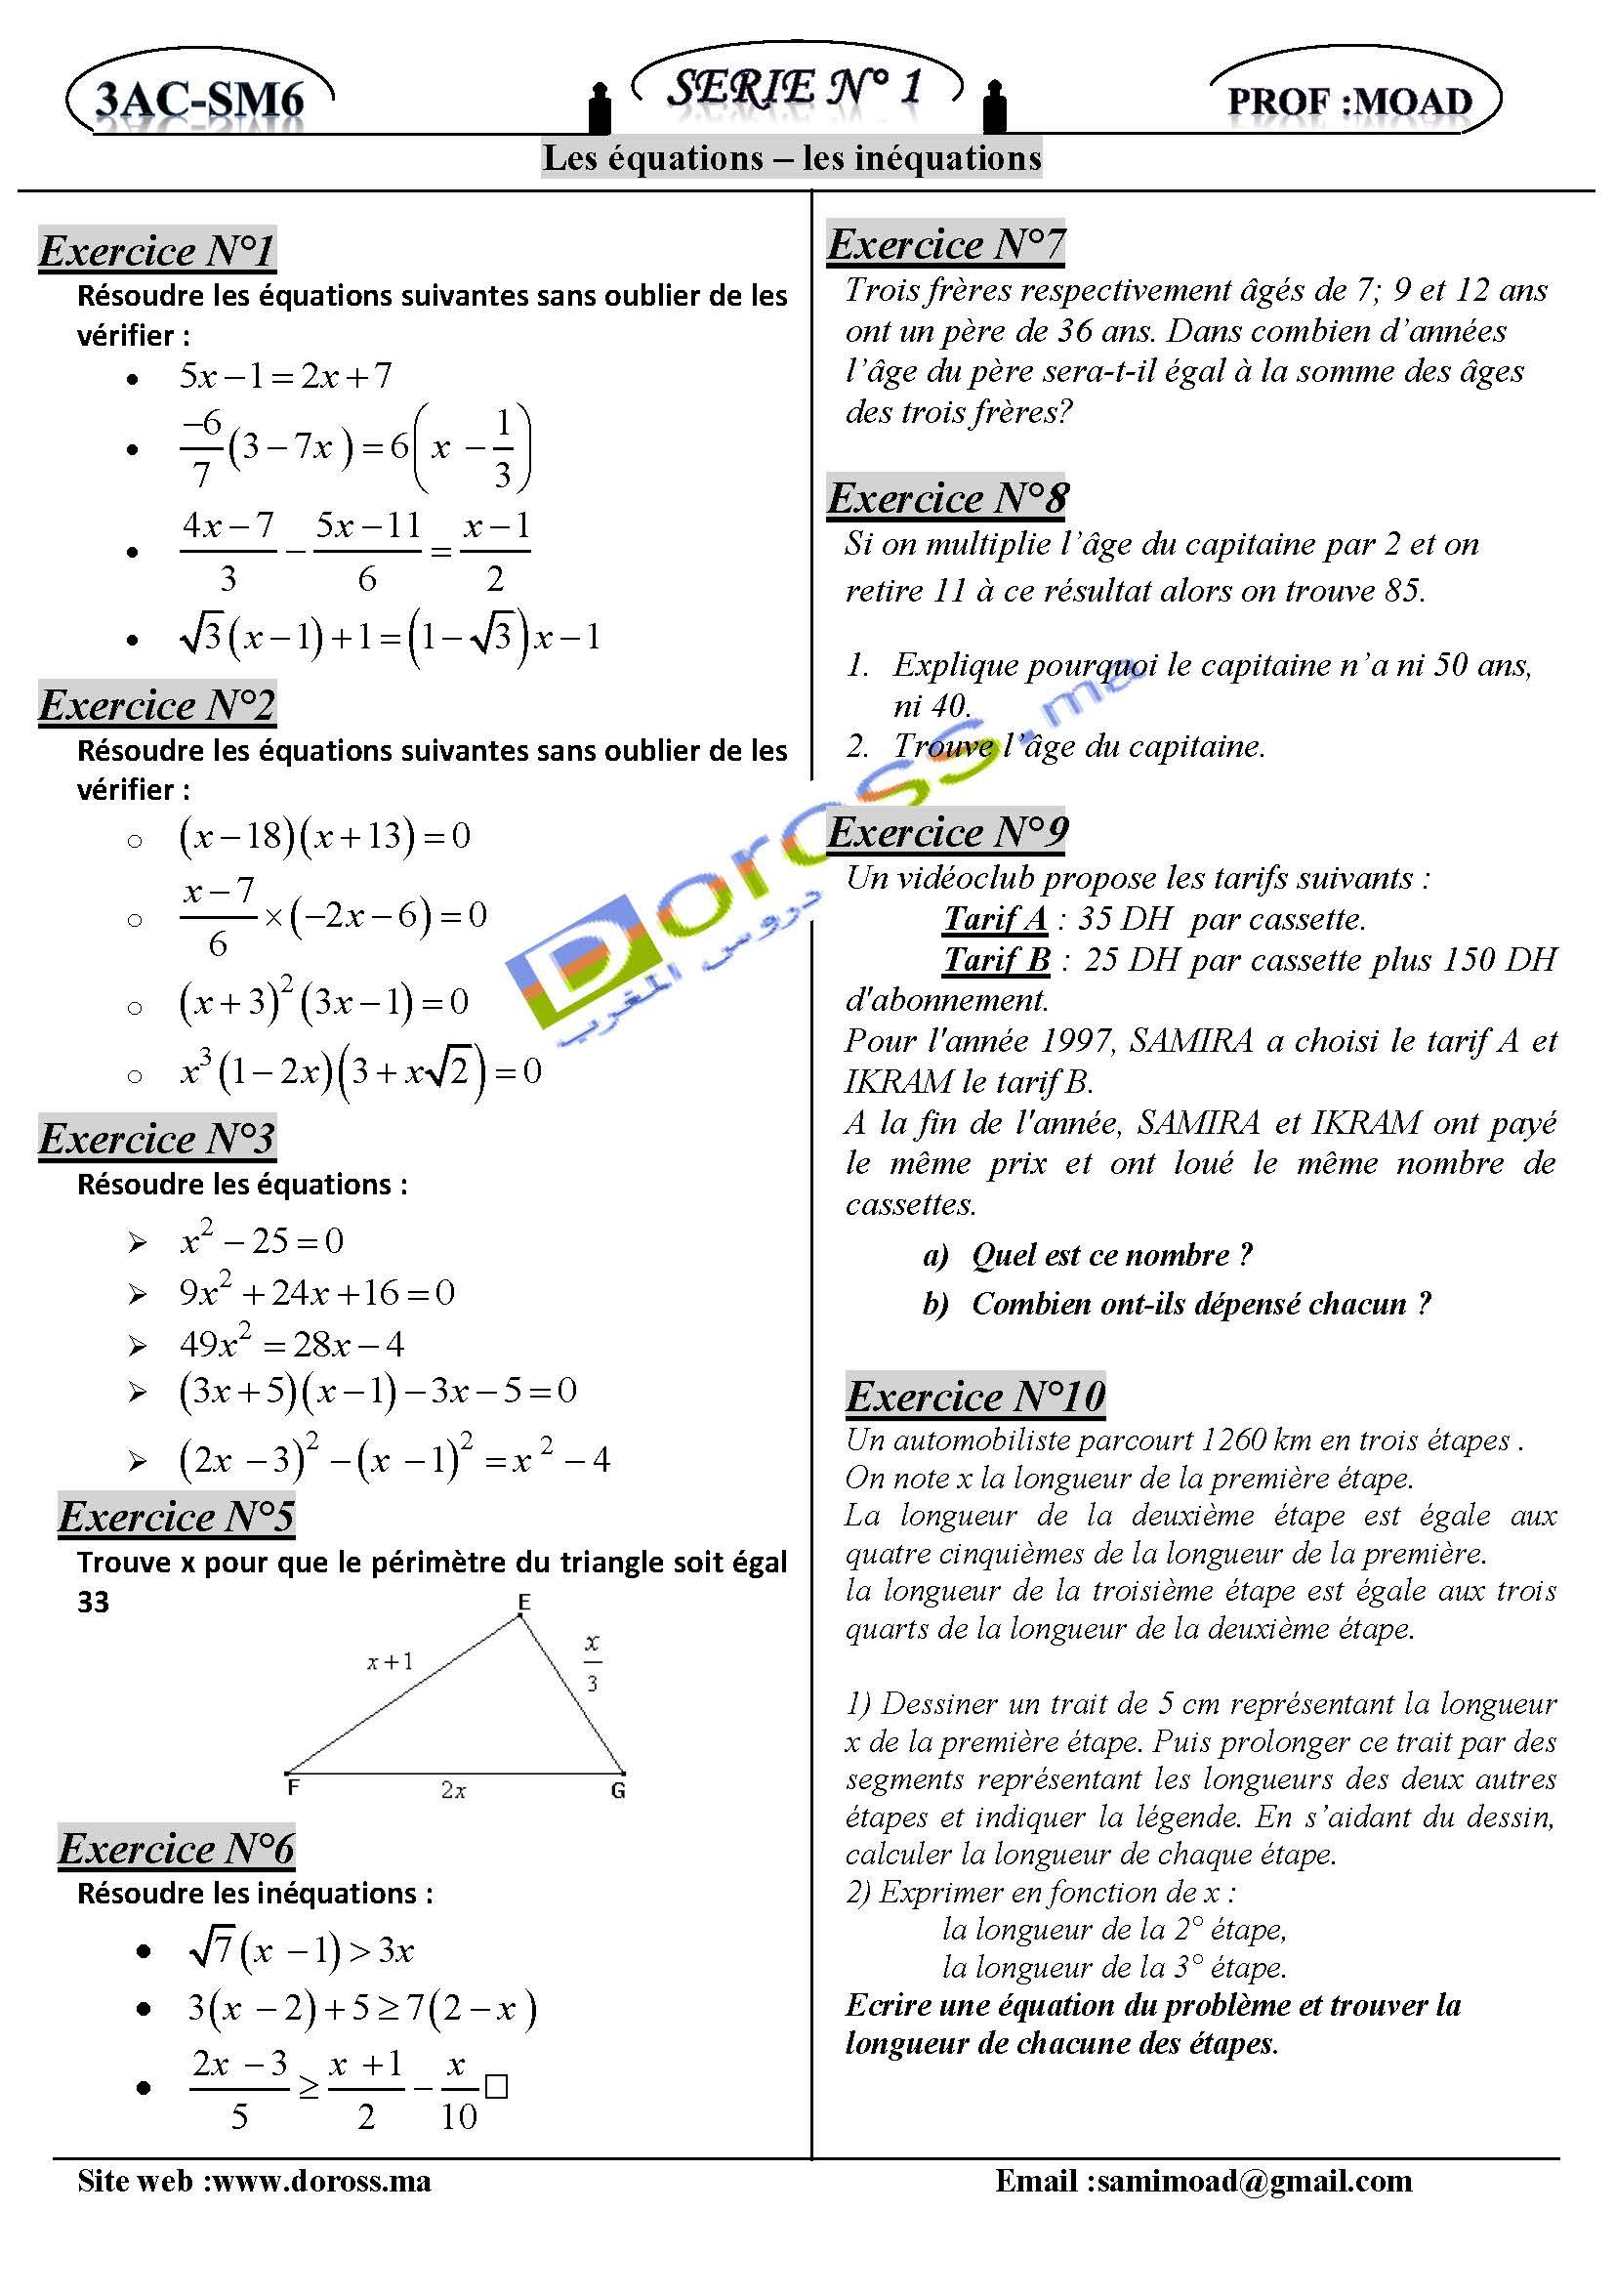 رياضيات الثالة إعدادي خيار فرنسي